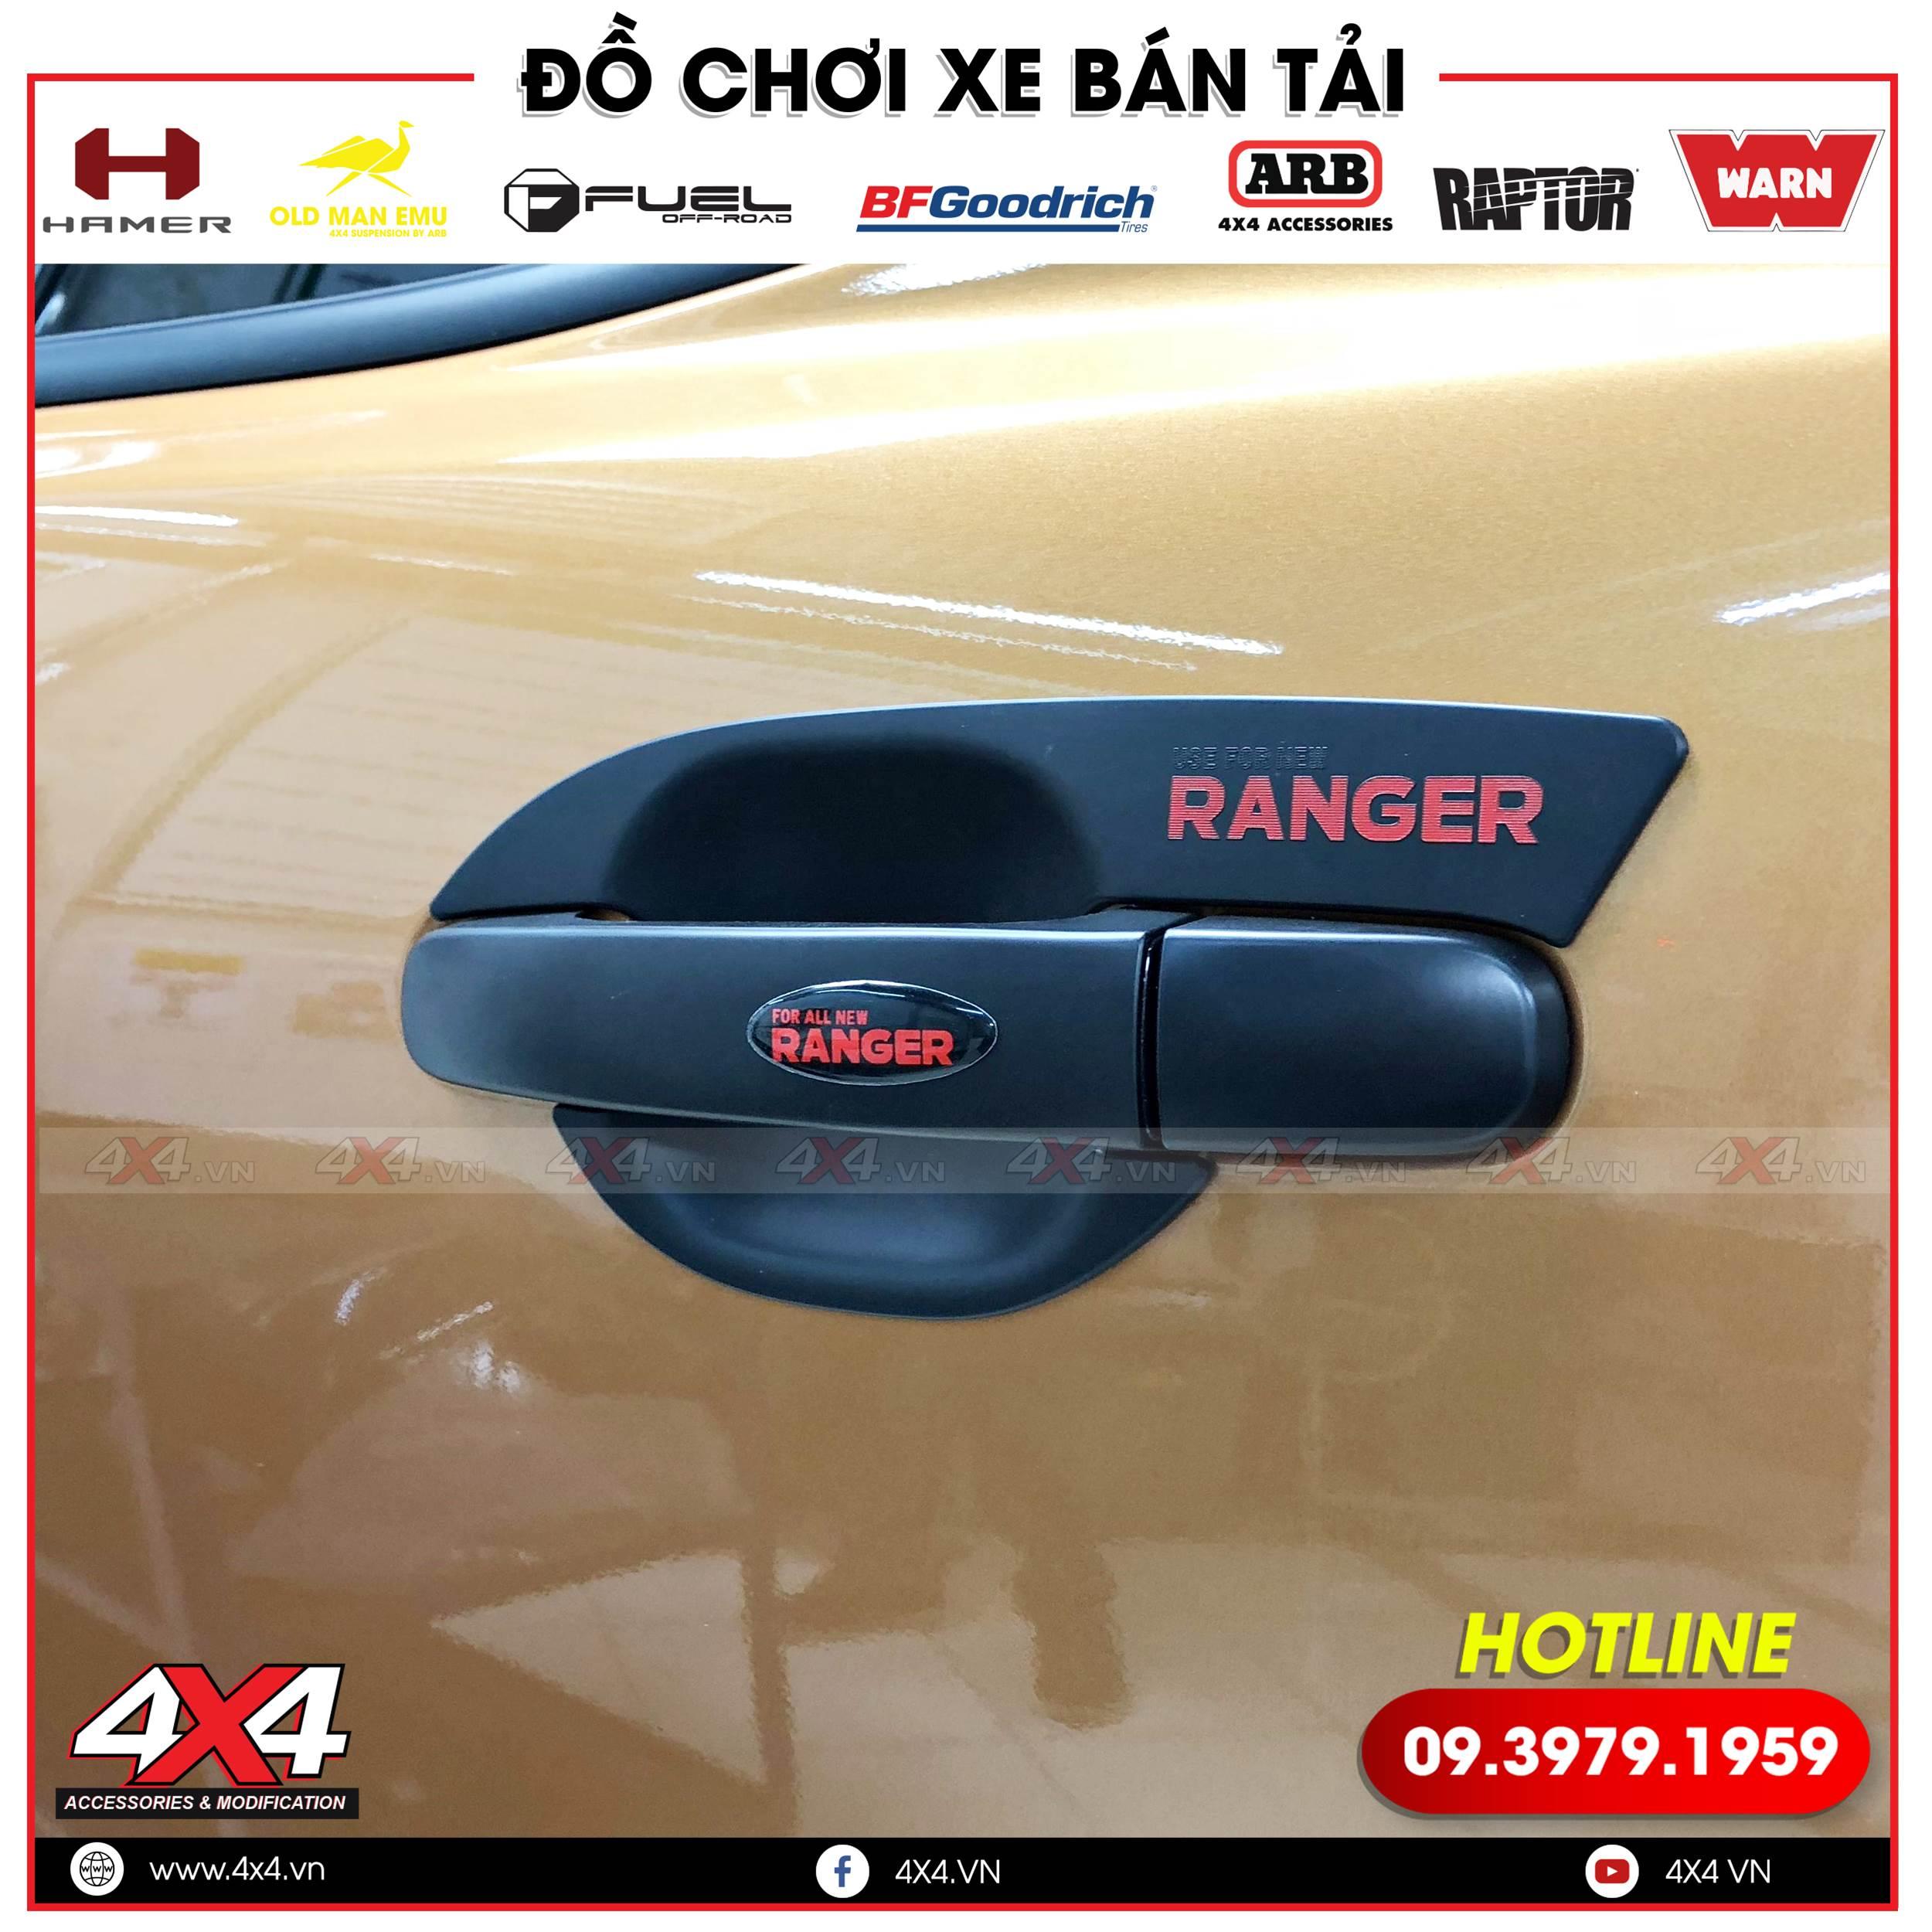 Ốp tay nắm chén cửa độ đẹp và cứng cáp hơn cho Ford Ranger